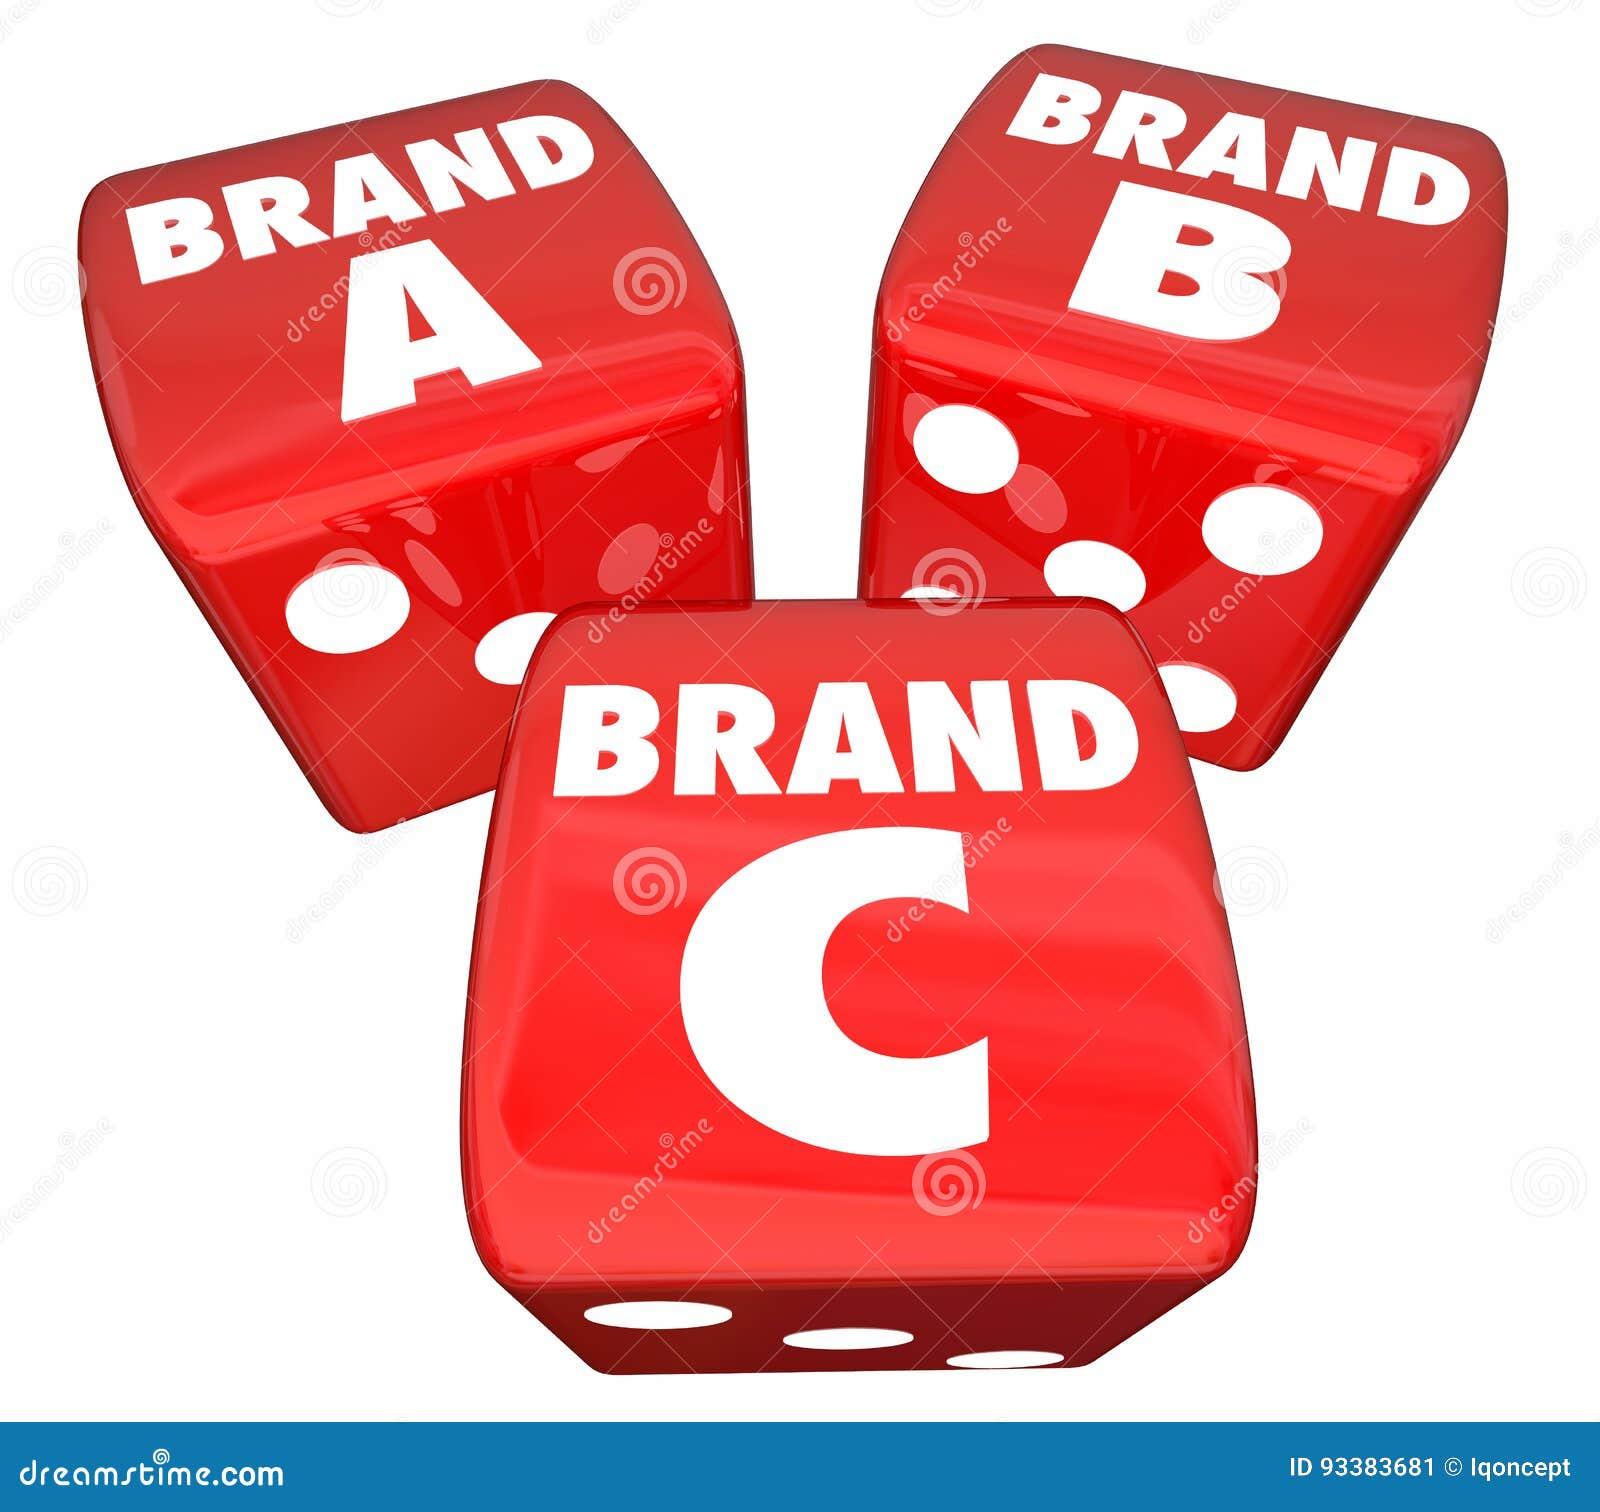 Brennen Sie ein Produkt B C Rolling Dice Choose Best Company ein